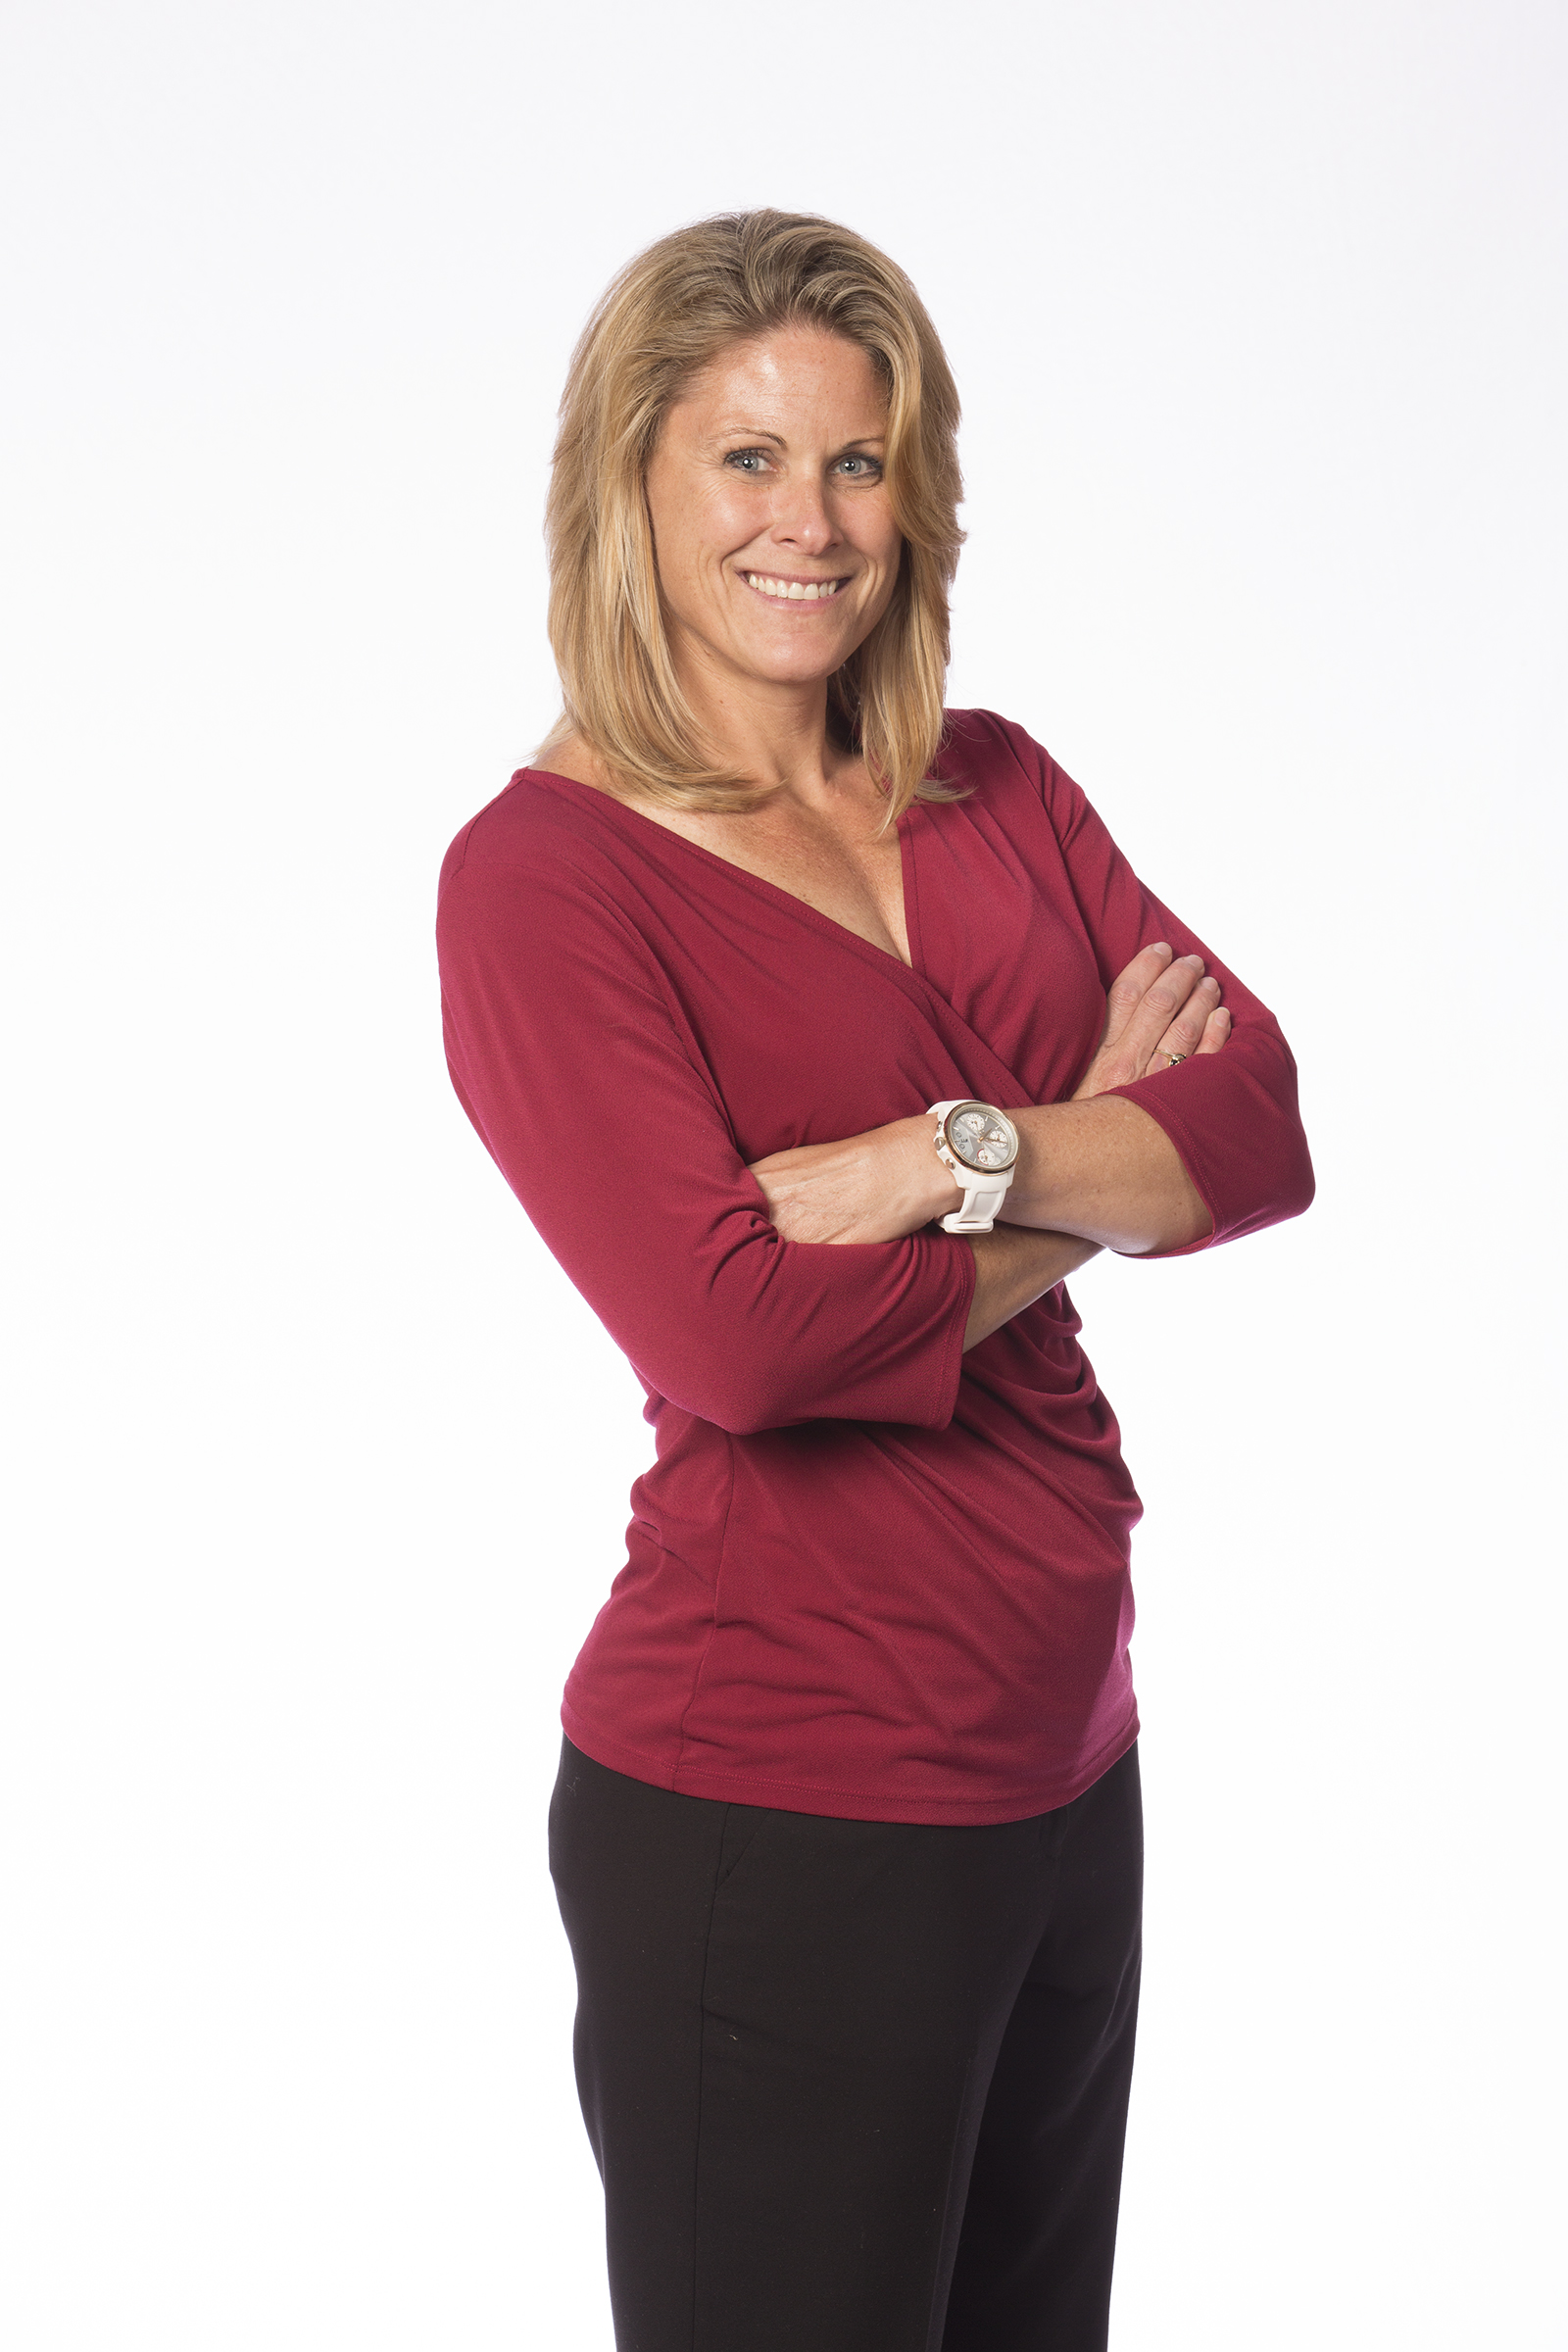 Jennifer Bettiol